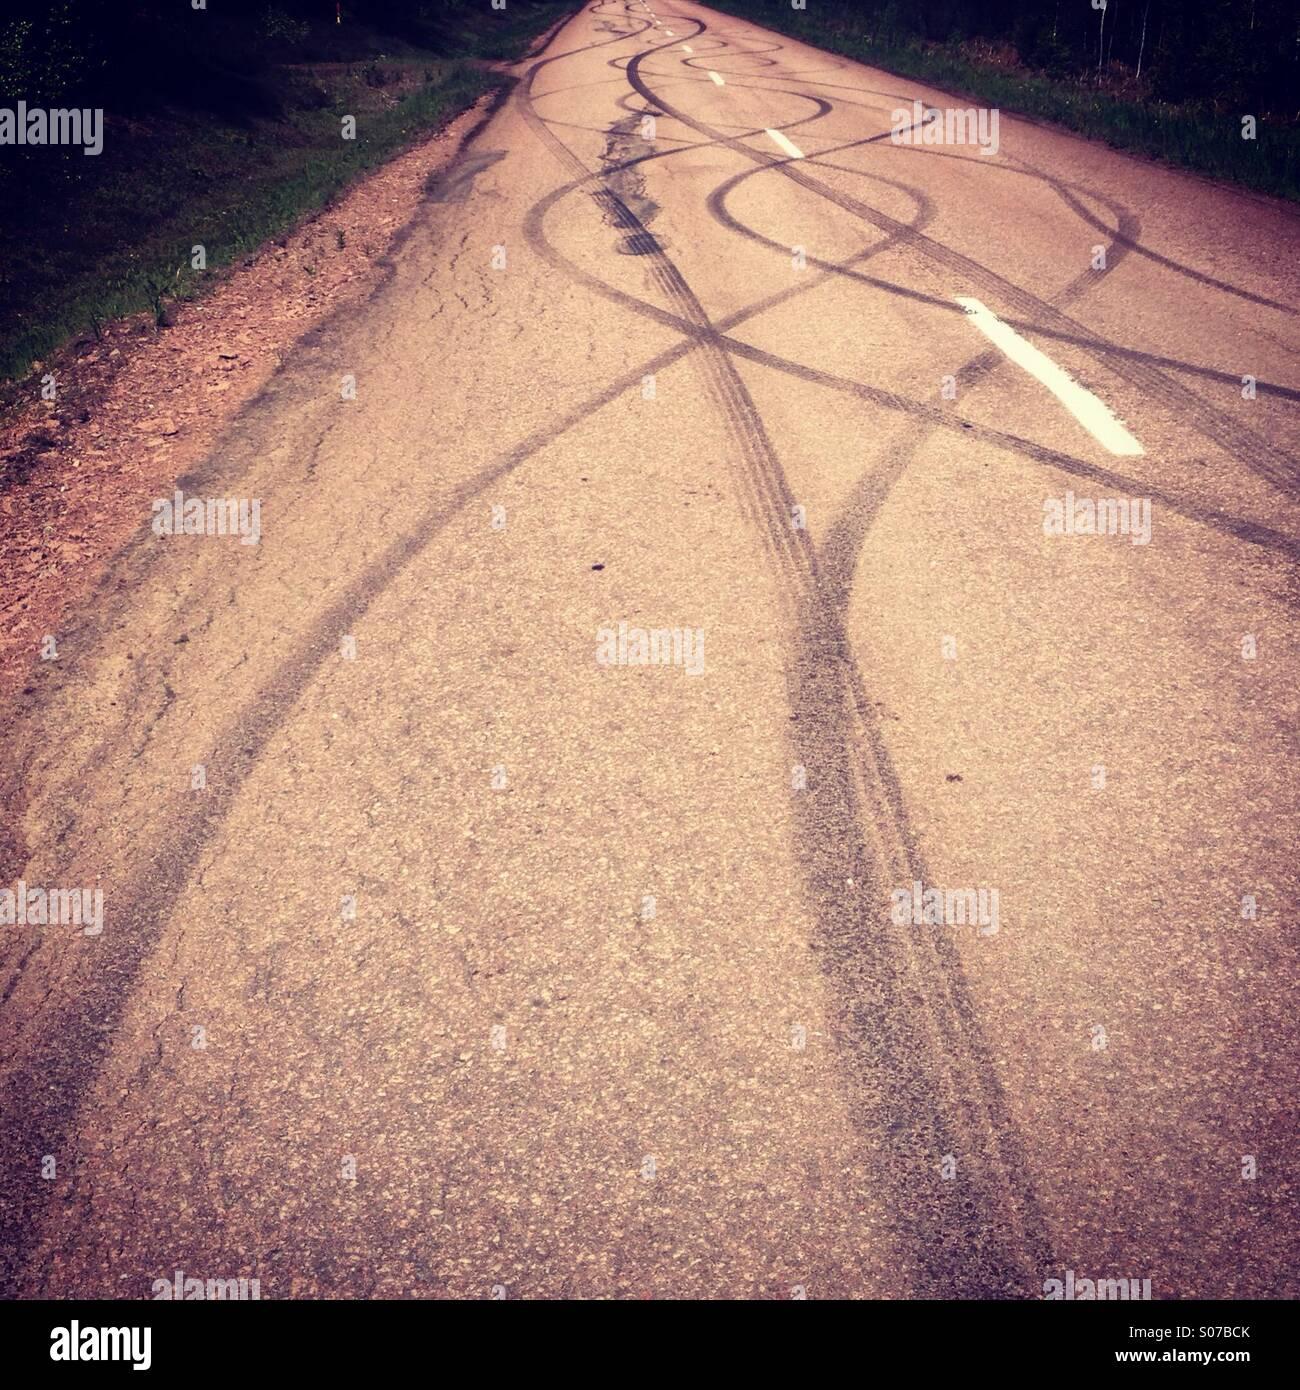 Marcas de neumáticos de entramado de derrape y burn-off en un tradicional Nordic red road Imagen De Stock